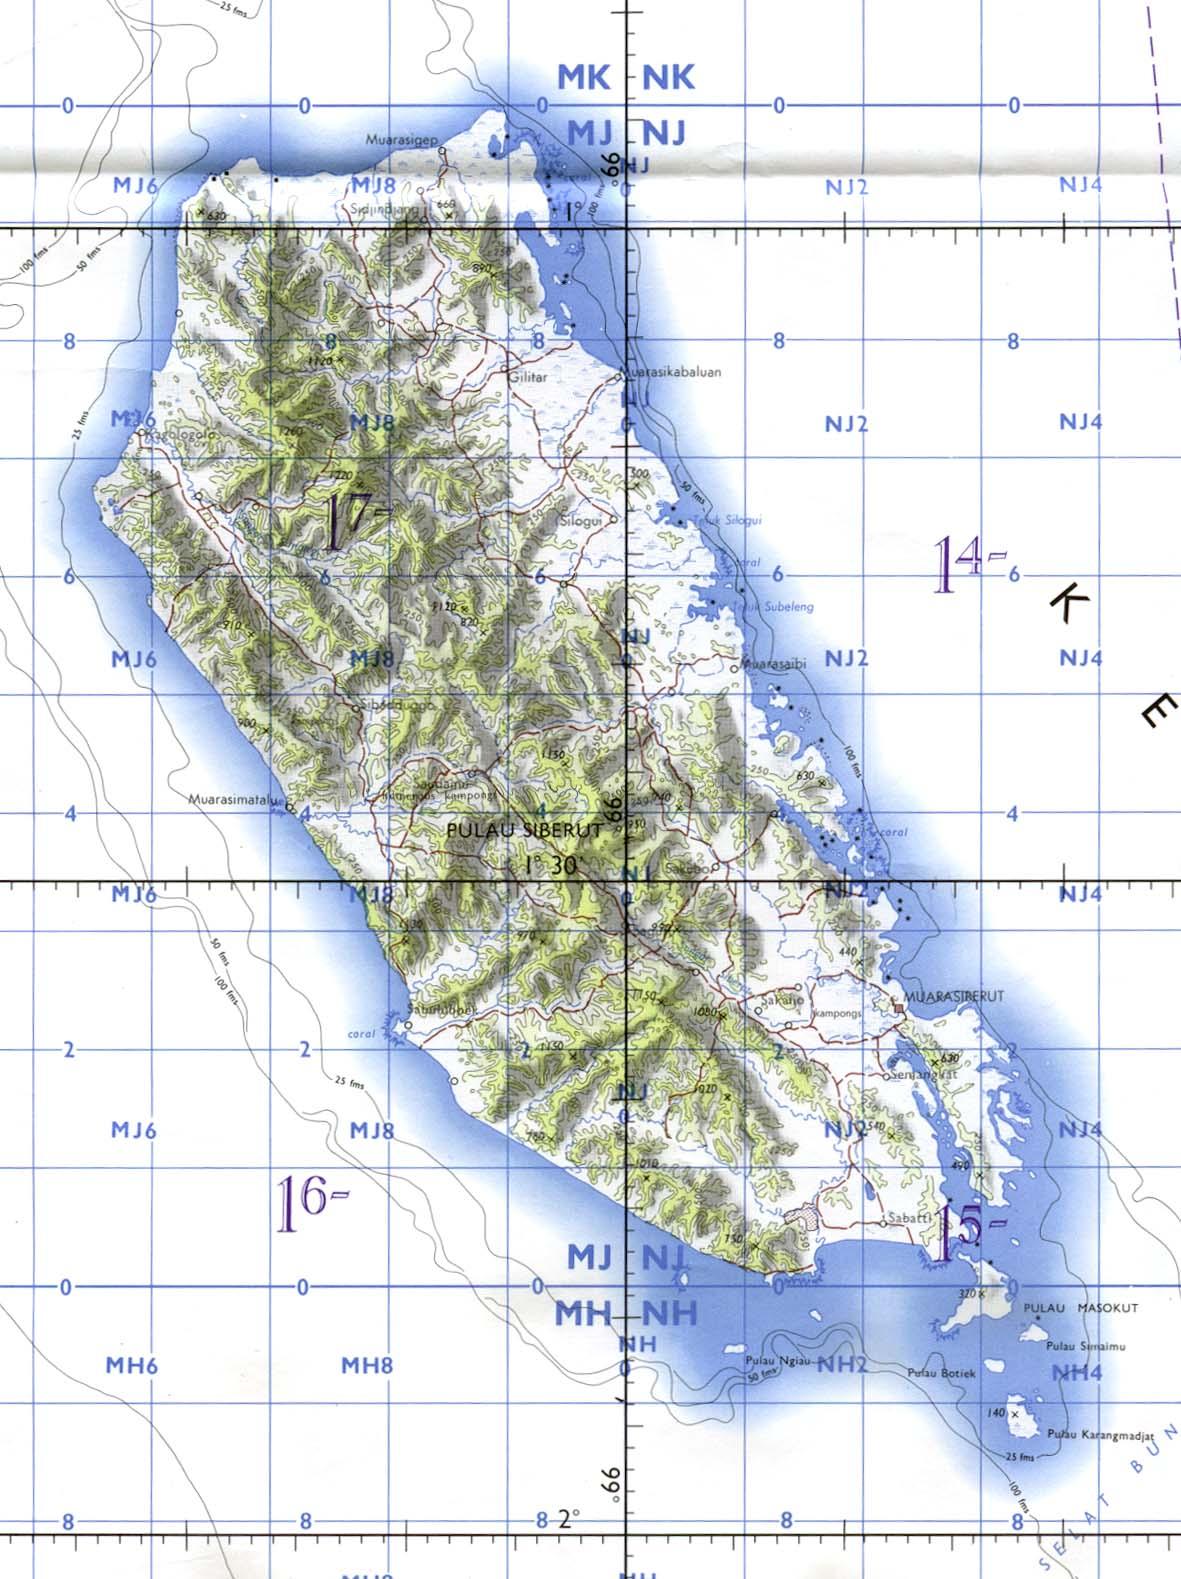 Carta Aeronáutica de la Isla de Siberut, Indonesia